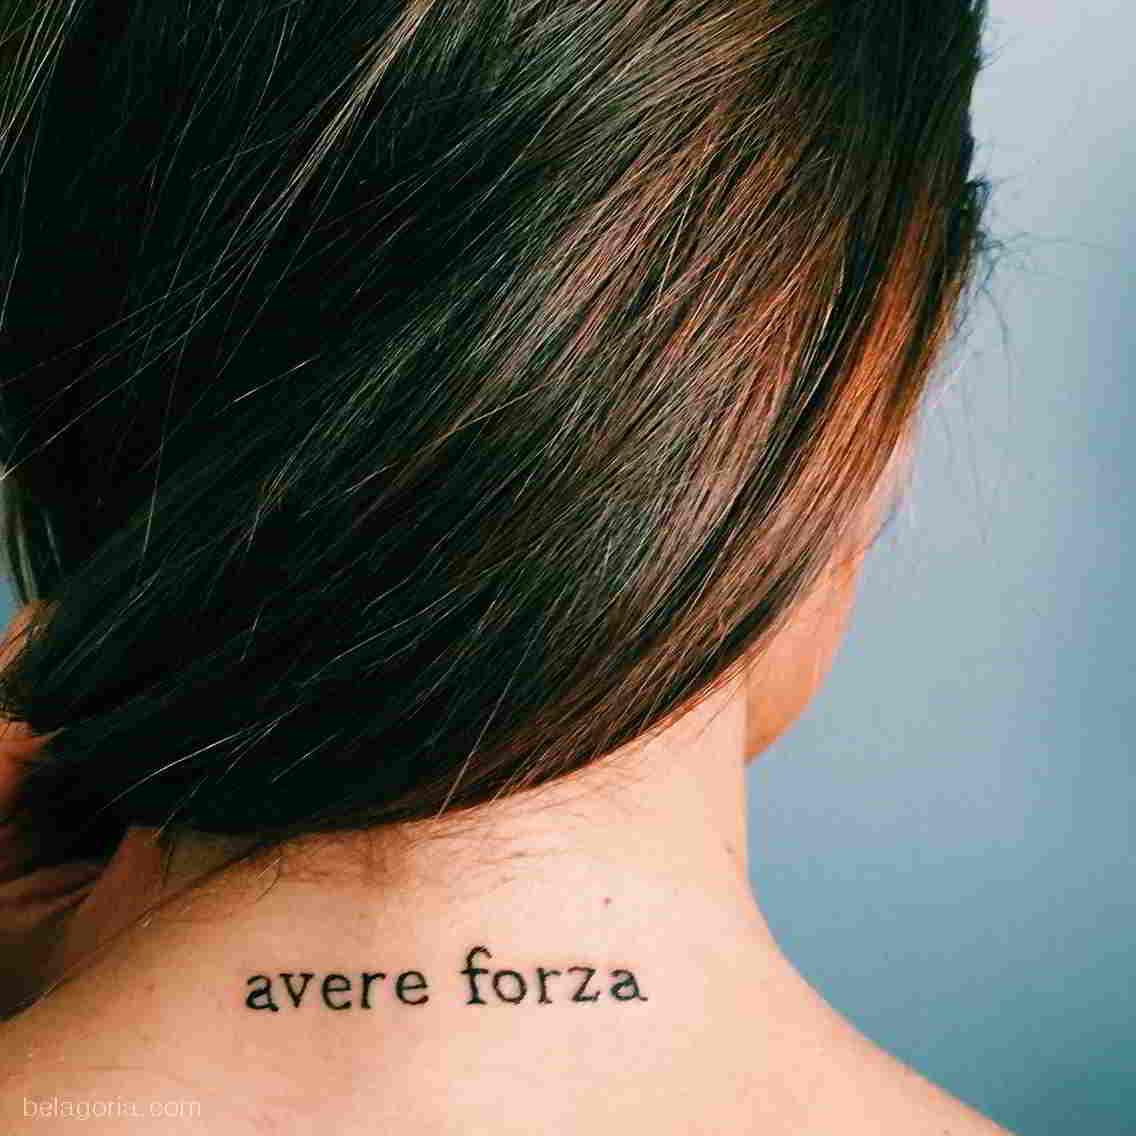 tatuaje detras del cuello avere forza